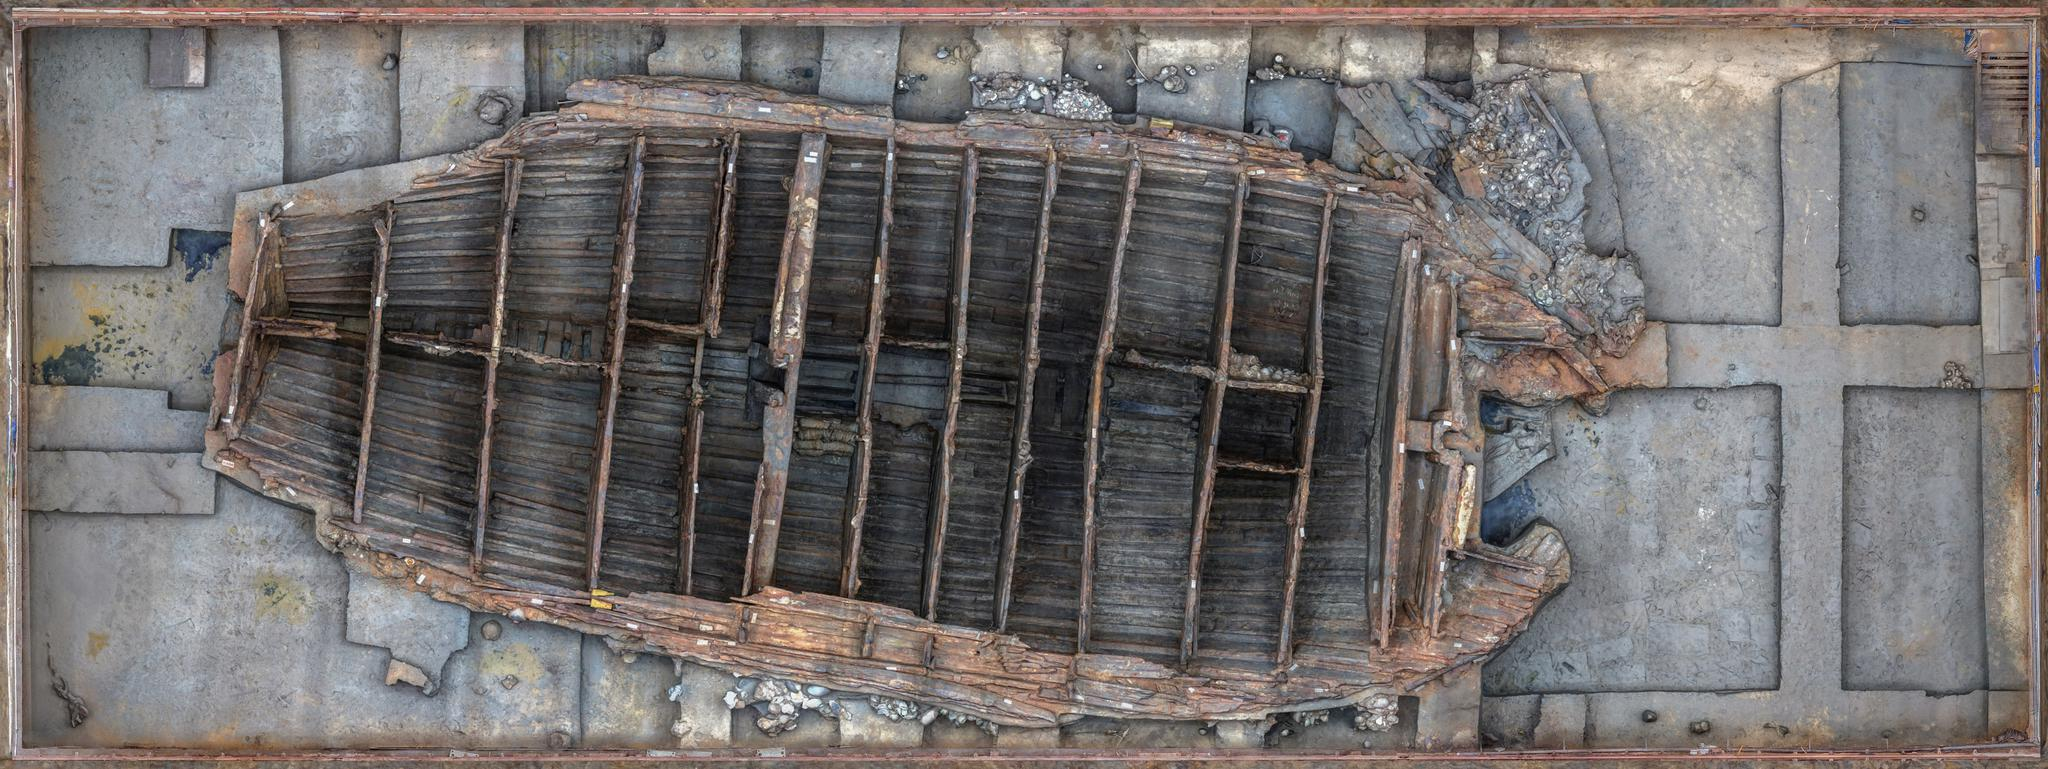 019年度全国十大杏悦代理考古新发现揭,杏悦代理图片